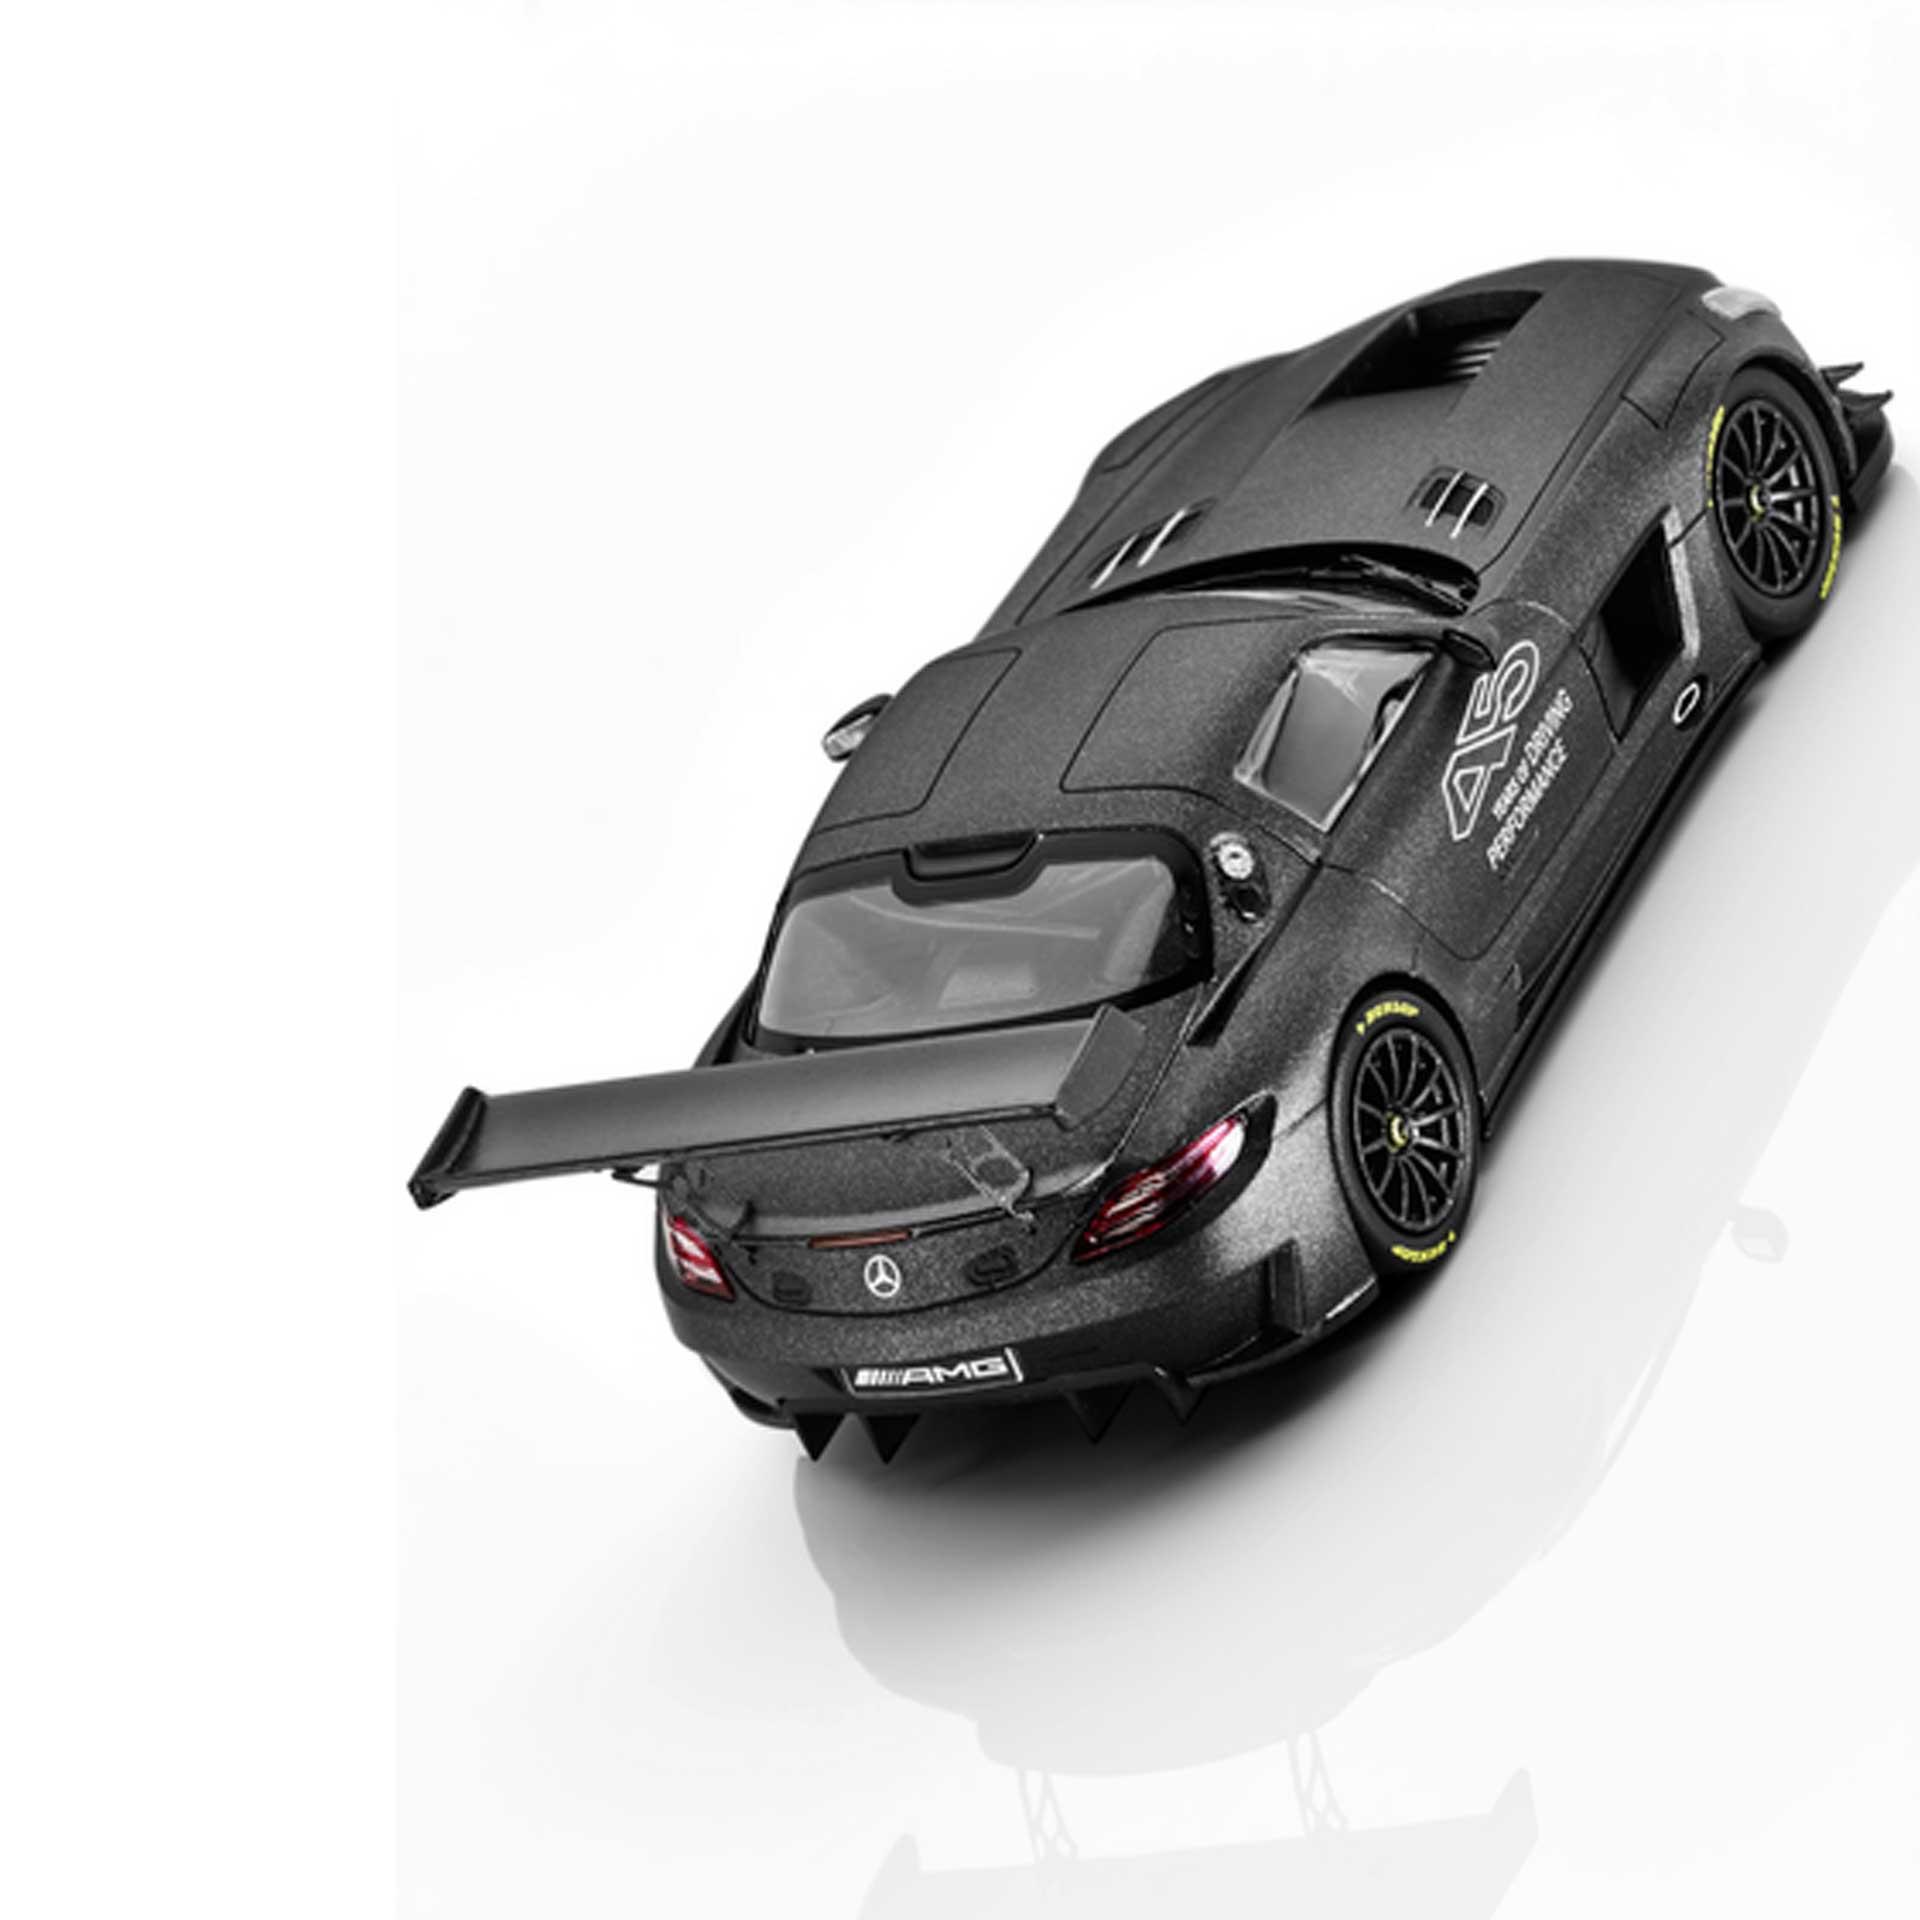 Mercedes-AMG Modellauto SLS AMG GT3 45 Jahre AMG schwarz matt 1:43